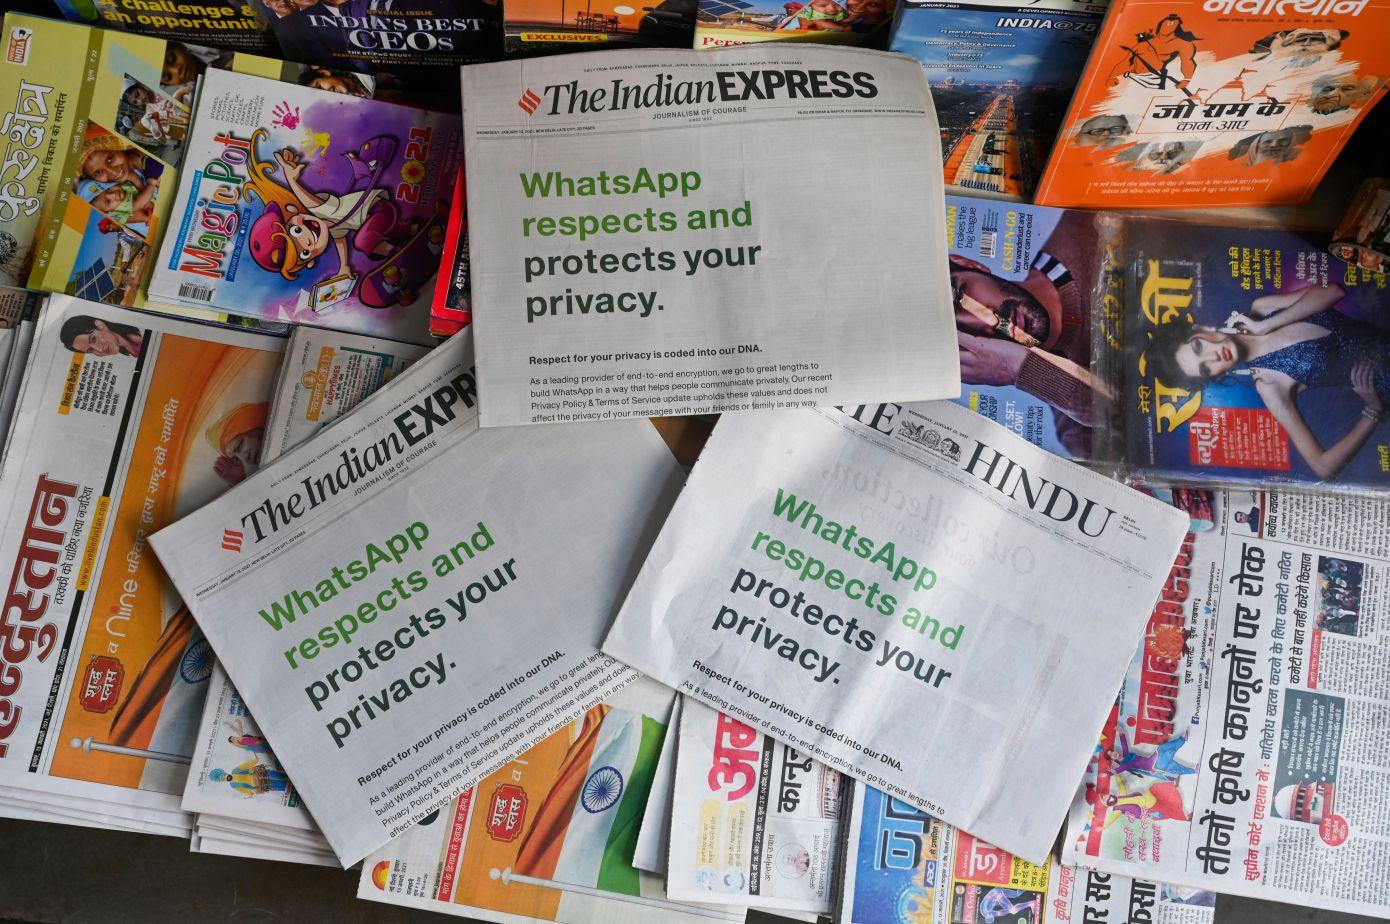 Anuncios en prensa escrita de WhatsApp explicando su nueva política de privacidad